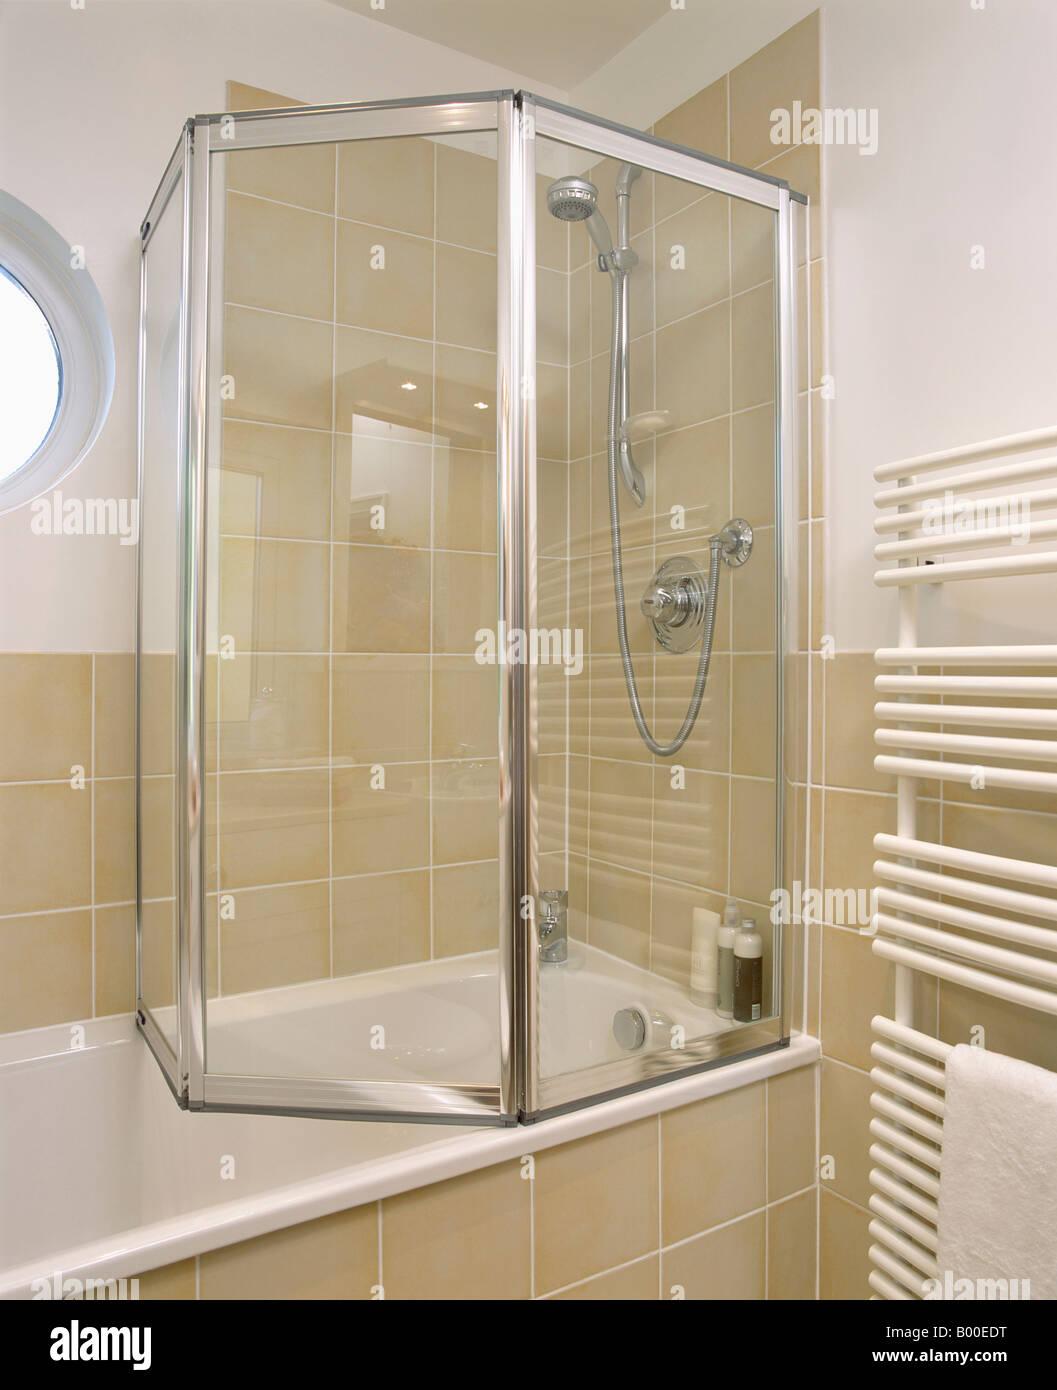 Faltbaren Glastüren Dusche Badewanne im modernen Badezimmer mit ...